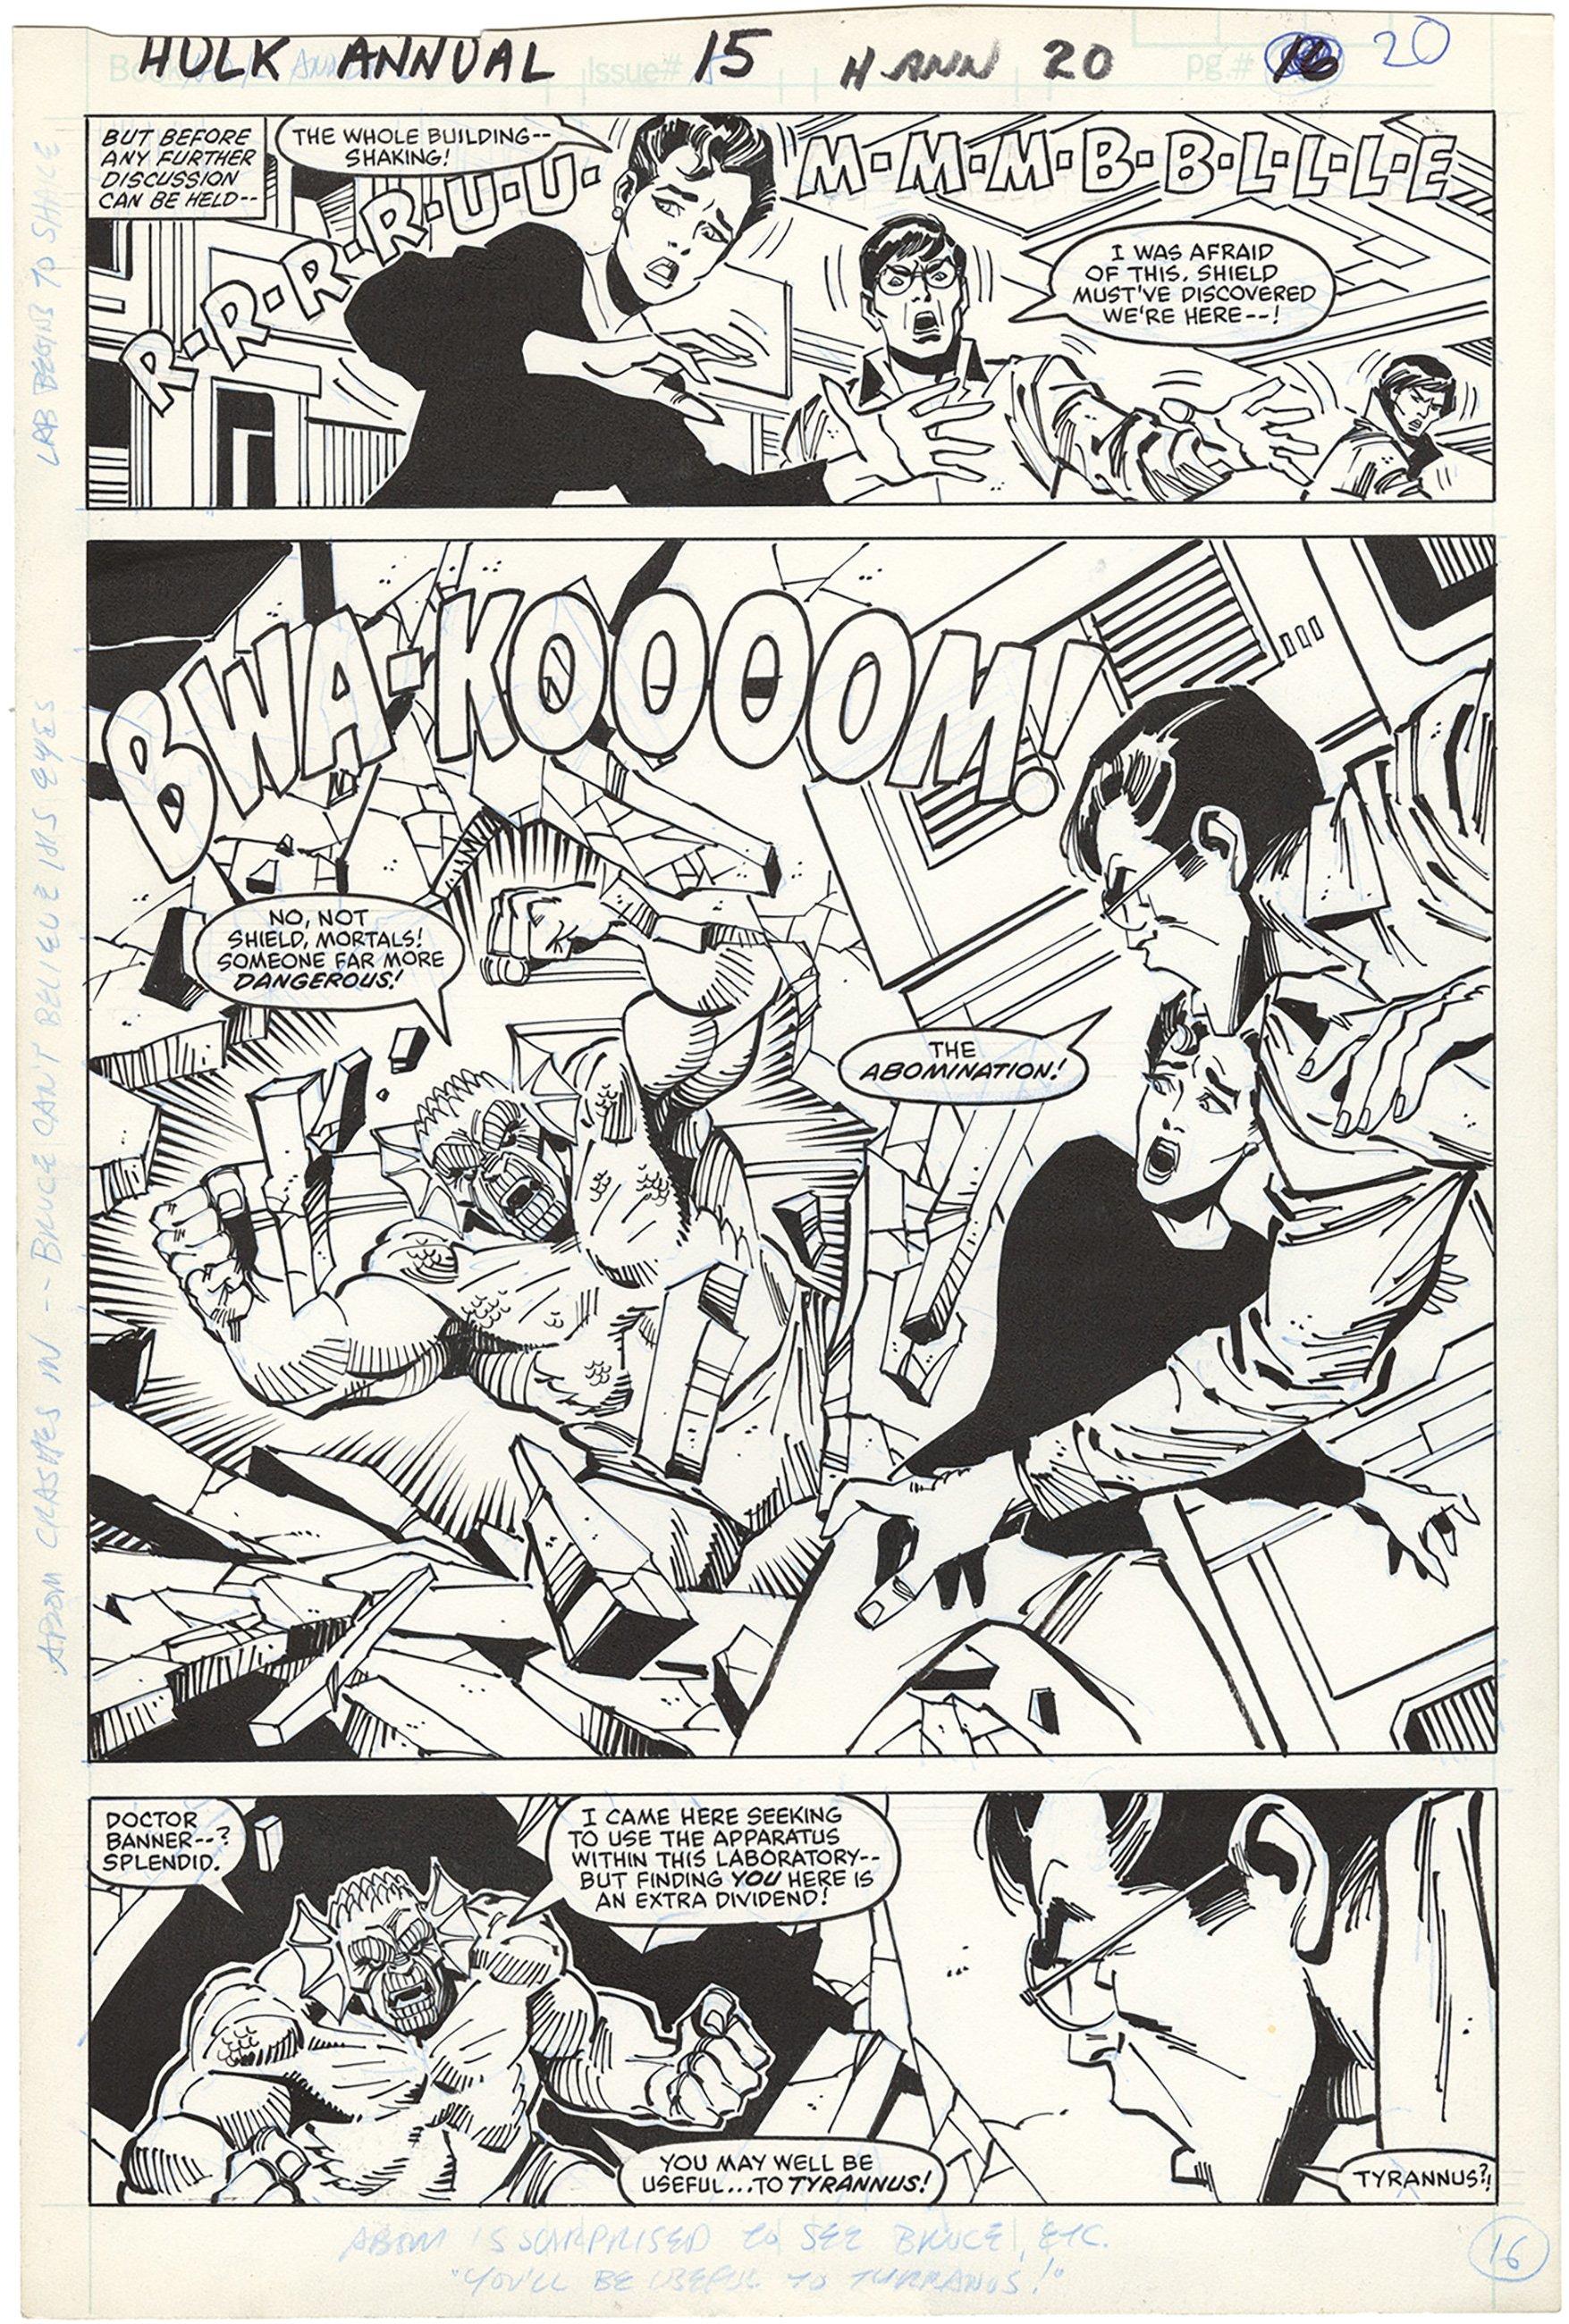 Incredible Hulk Annual #15 p20